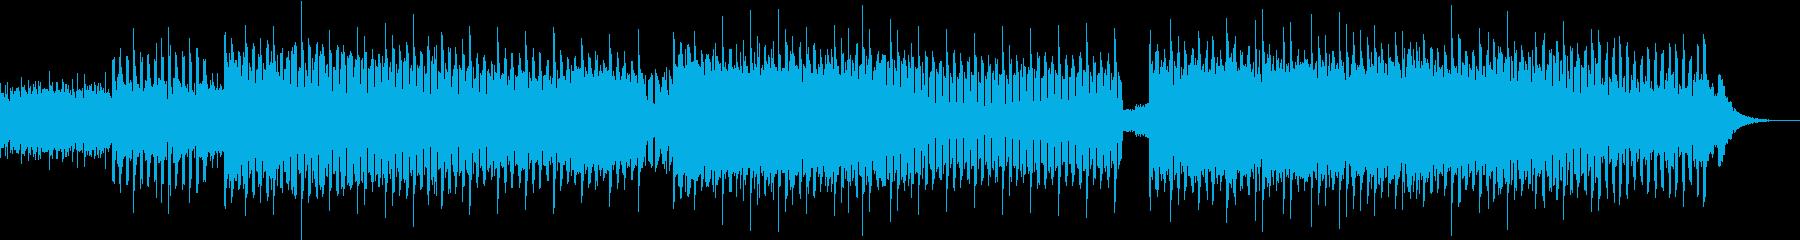 爽やかな朝のテクノポップの再生済みの波形